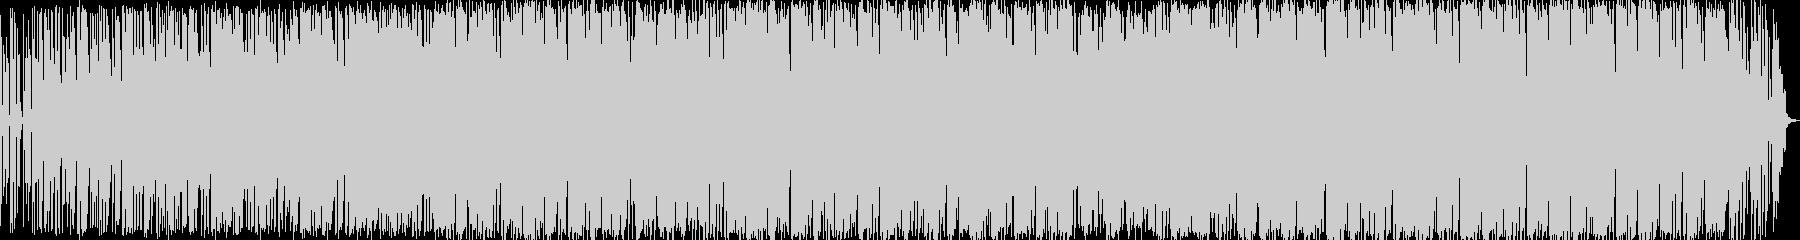 ミディアムテンポのミニマルギターロックの未再生の波形